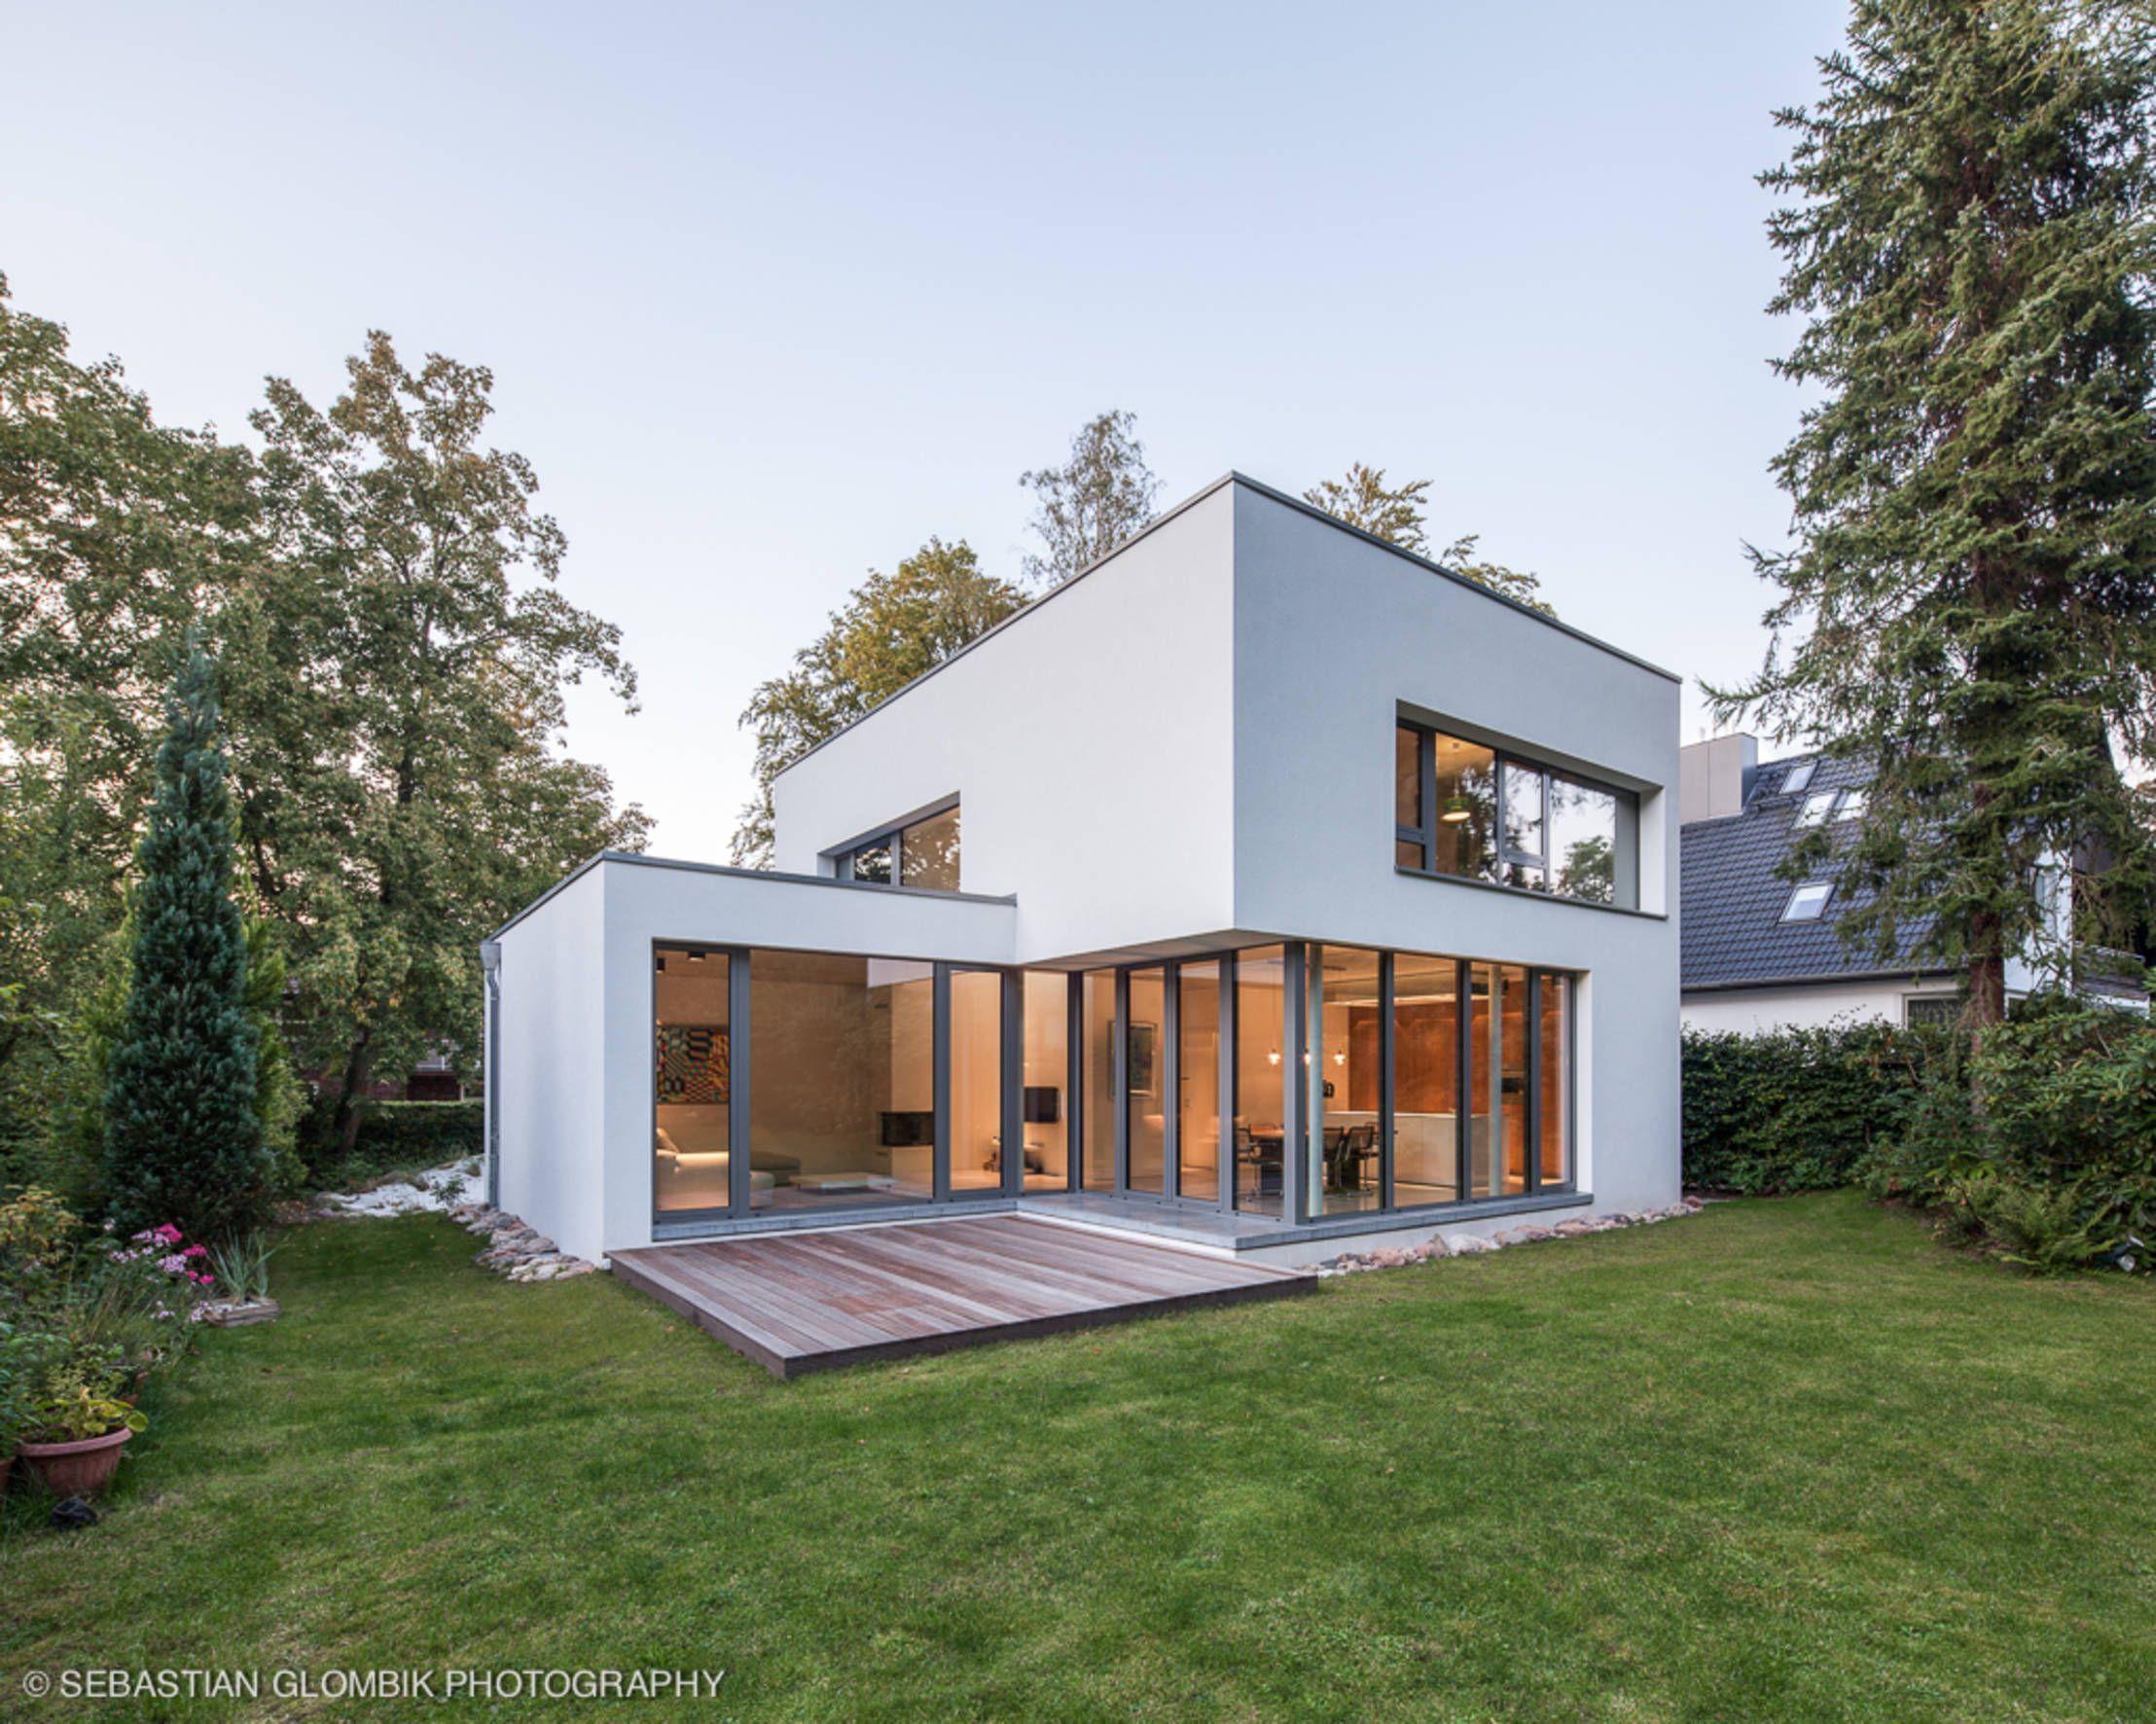 Les maisons à toit plat modernes et au design épuré apport